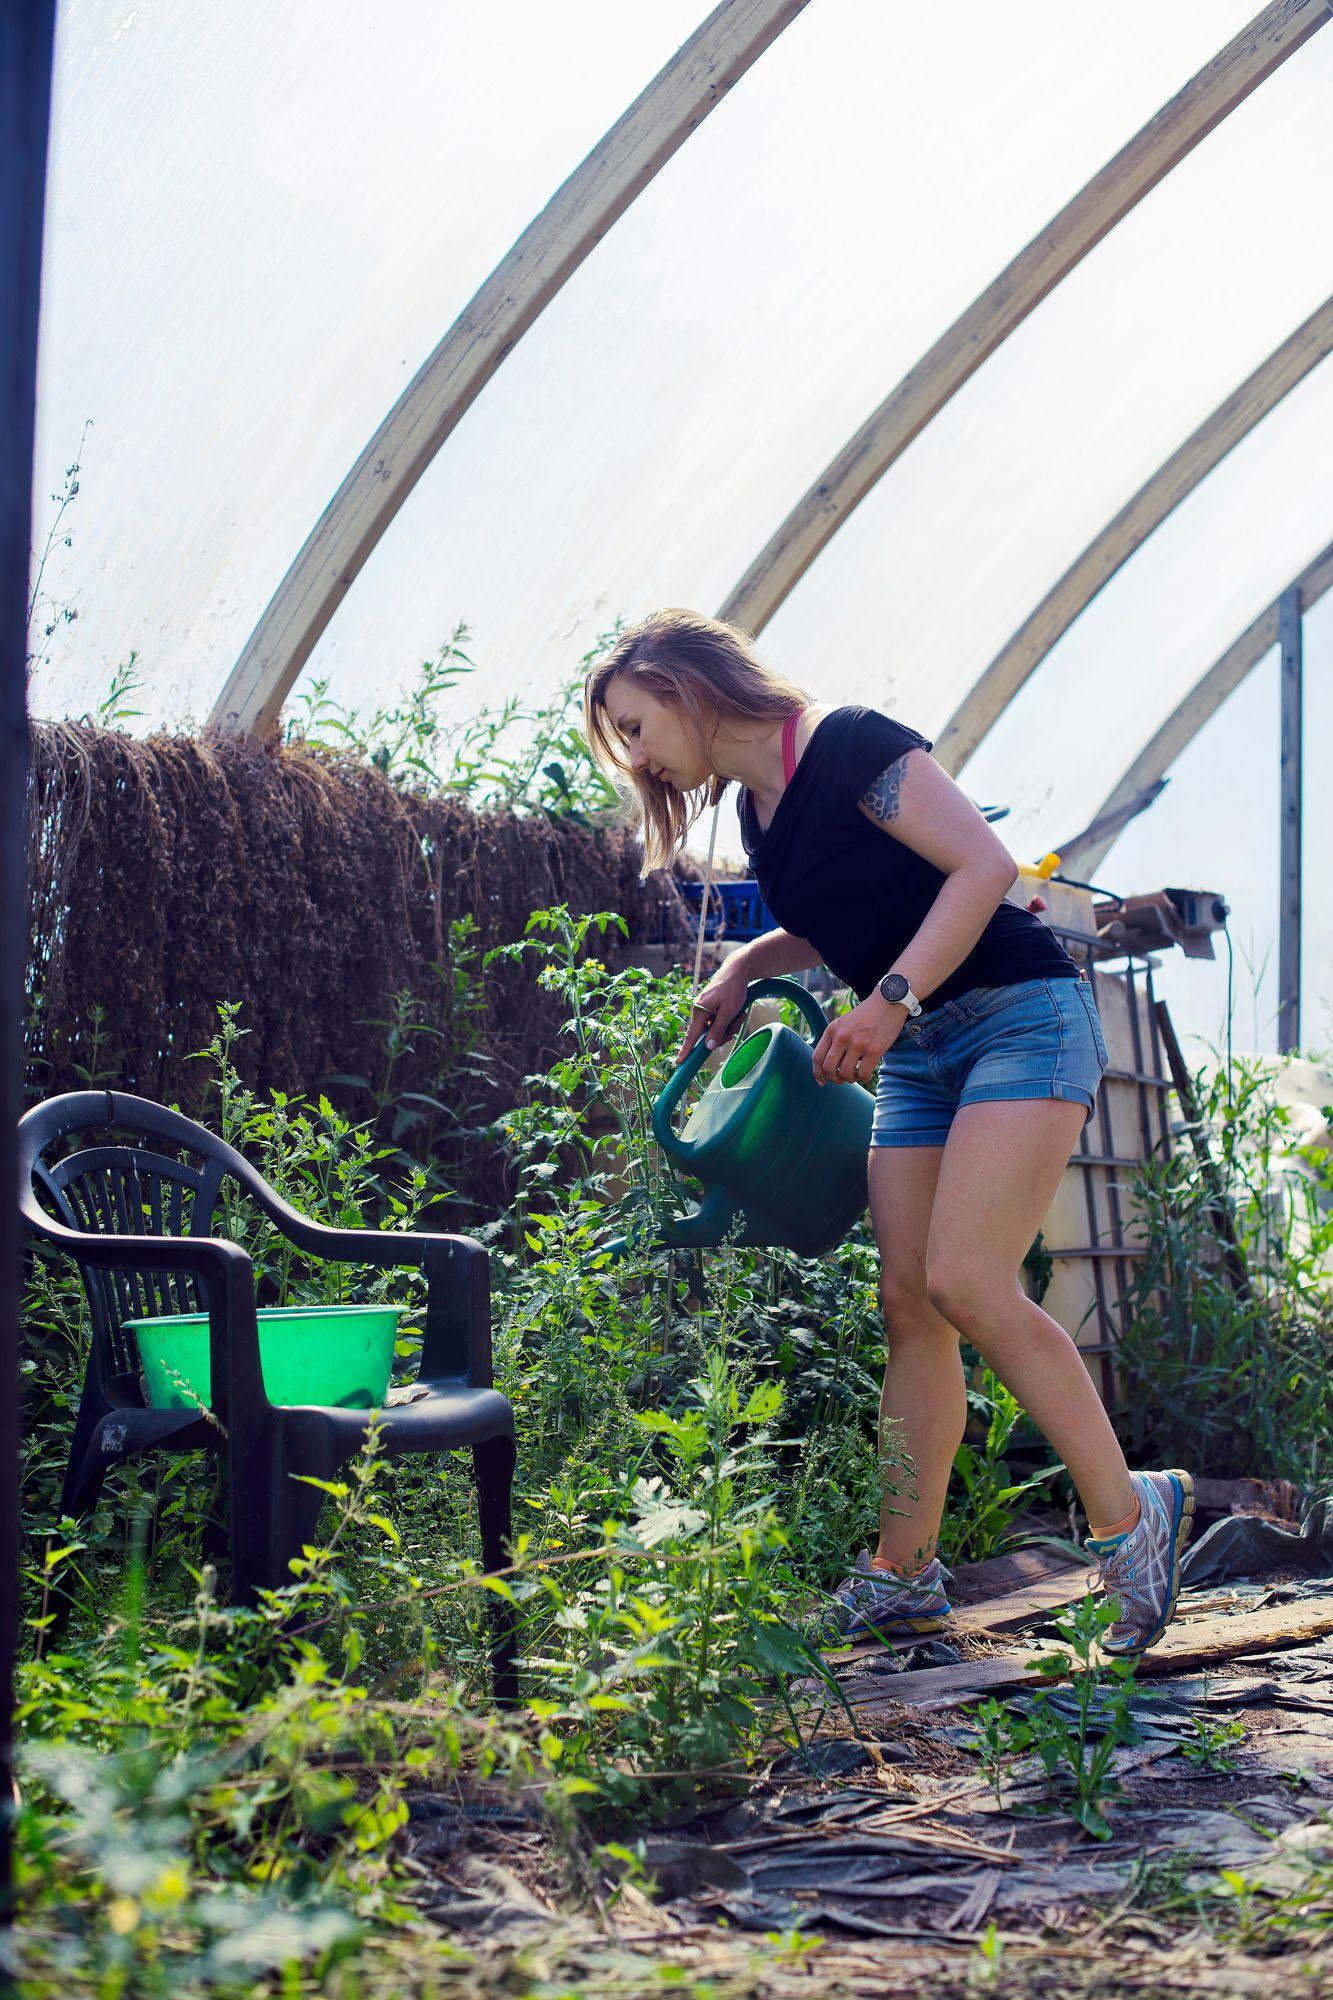 """Korona-aikana Laura on innostunut viljelystä myös oman asuntonsa pihalla. """"Suurin osa viljely-yrityksistä on onnistunut, mutta härkäpavuista tuli vain muutama papu."""" © Sampo Korhonen"""